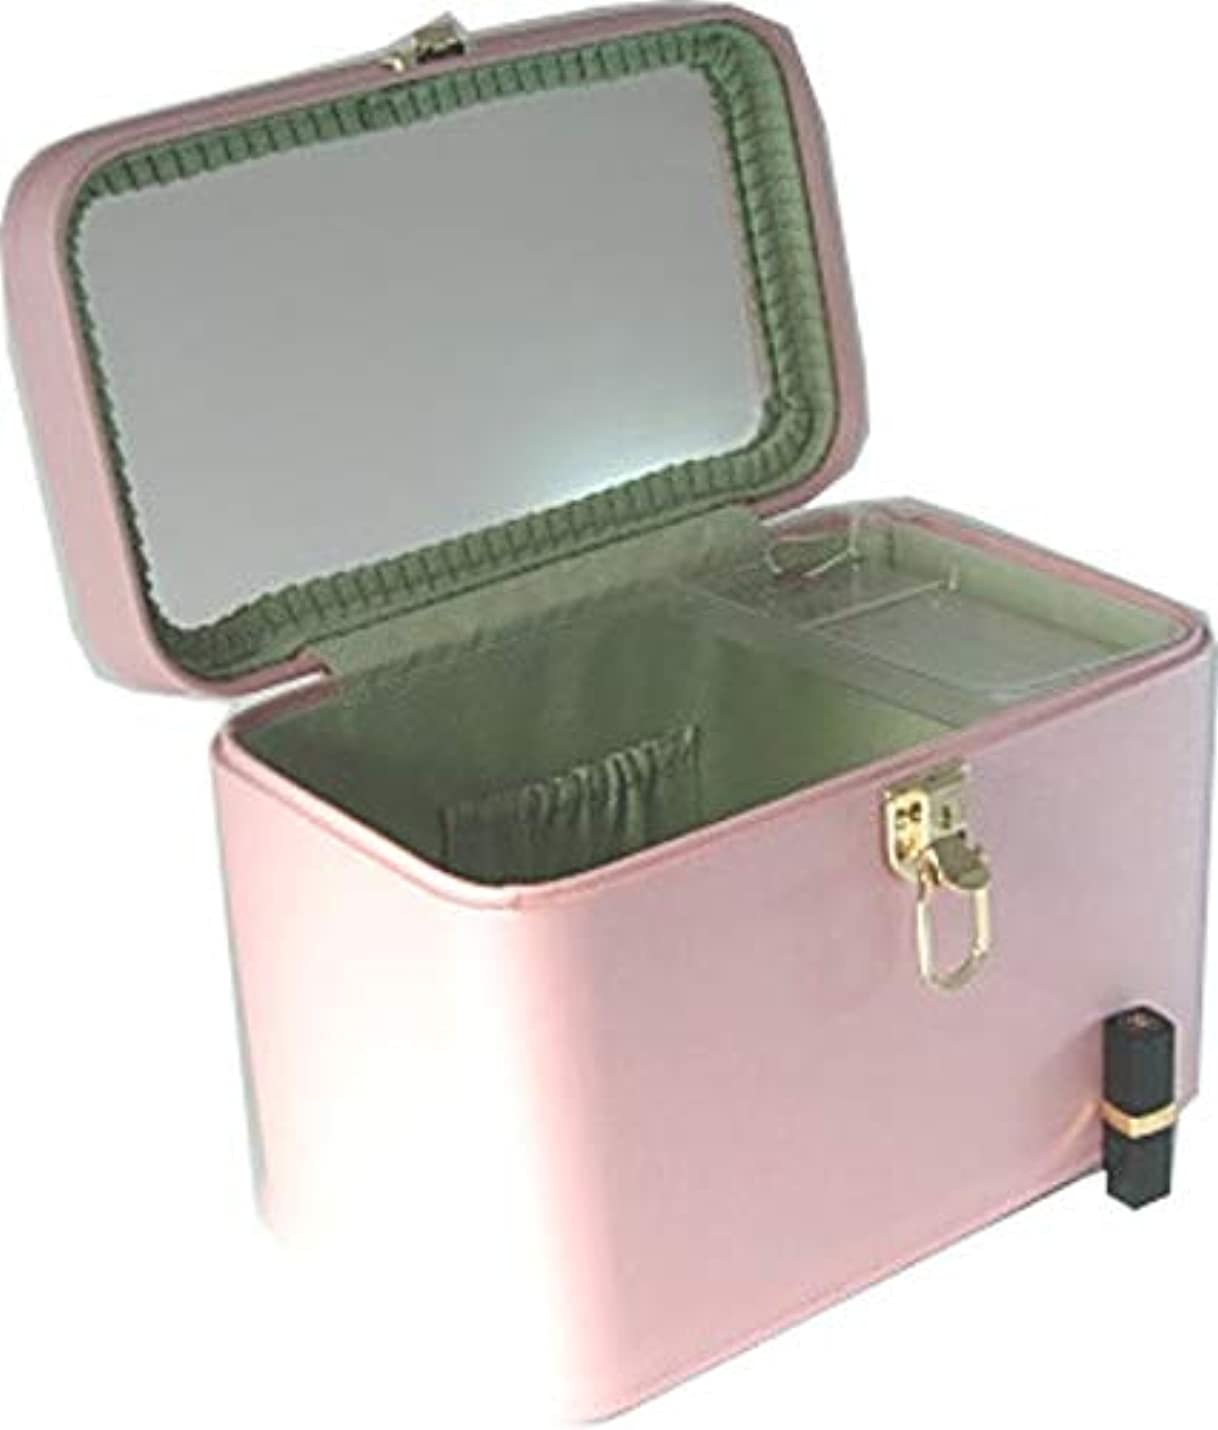 色合い絶えずコンピューターを使用するメイクボックス コスメボックス トリプルG2 33cmヨコ パールピンク 日本製 メイクボックス,コスメボックス,メイクアップボックス,トレンチケース,お化粧入れ,化粧雑貨,メーキャップボックス,化粧箱,かわいい,メイク...